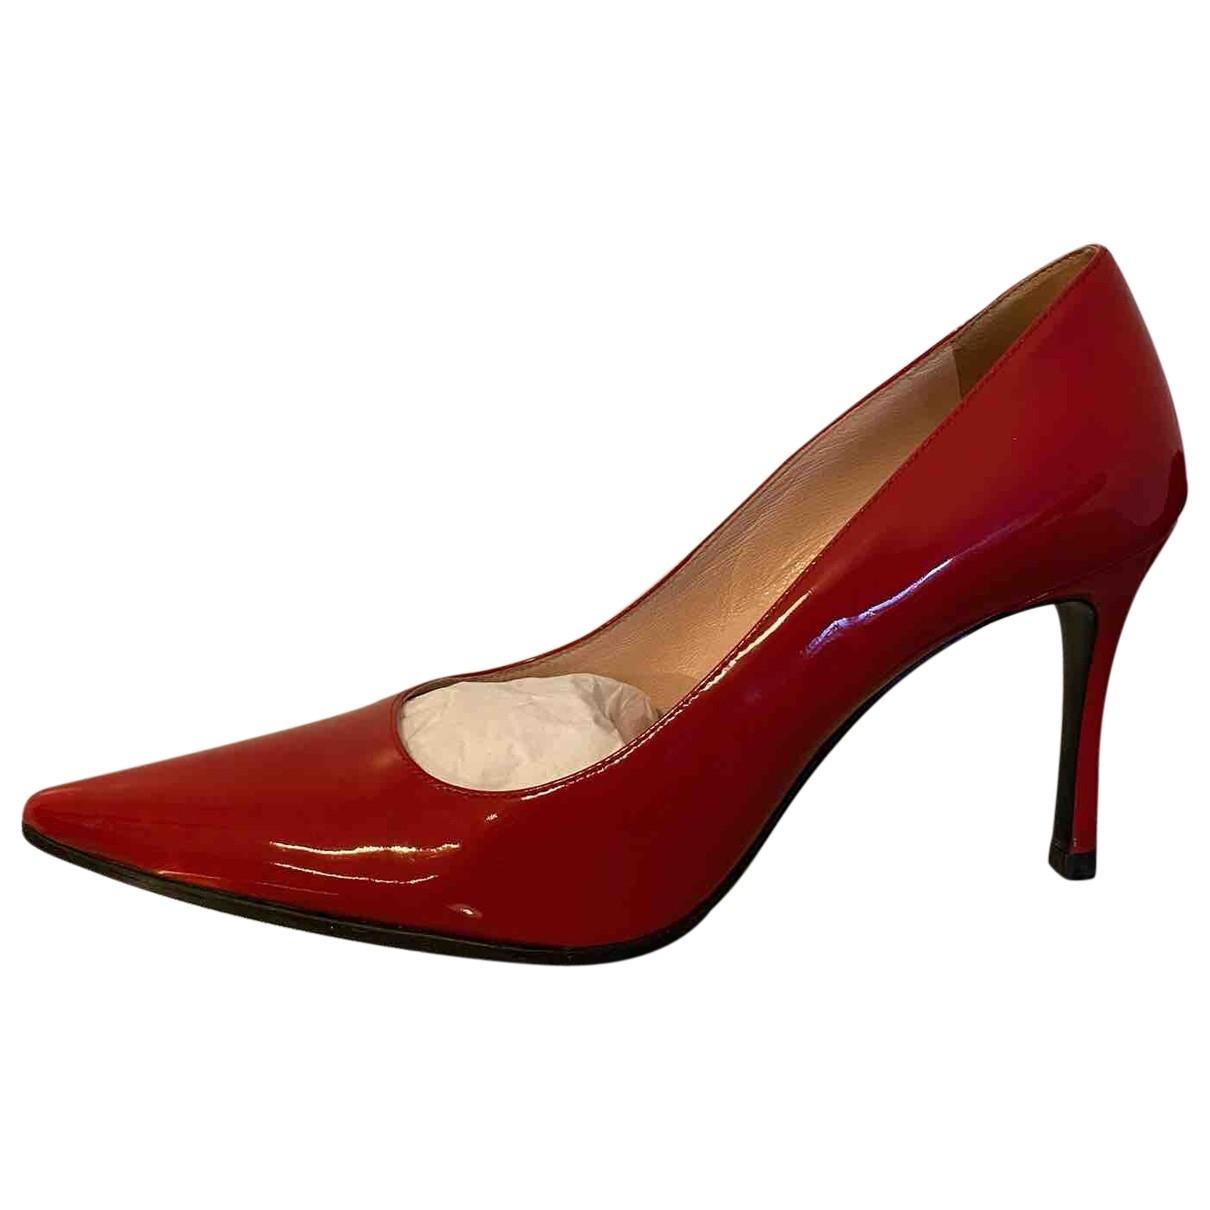 Miu Miu - Escarpins   pour femme en cuir verni - rouge